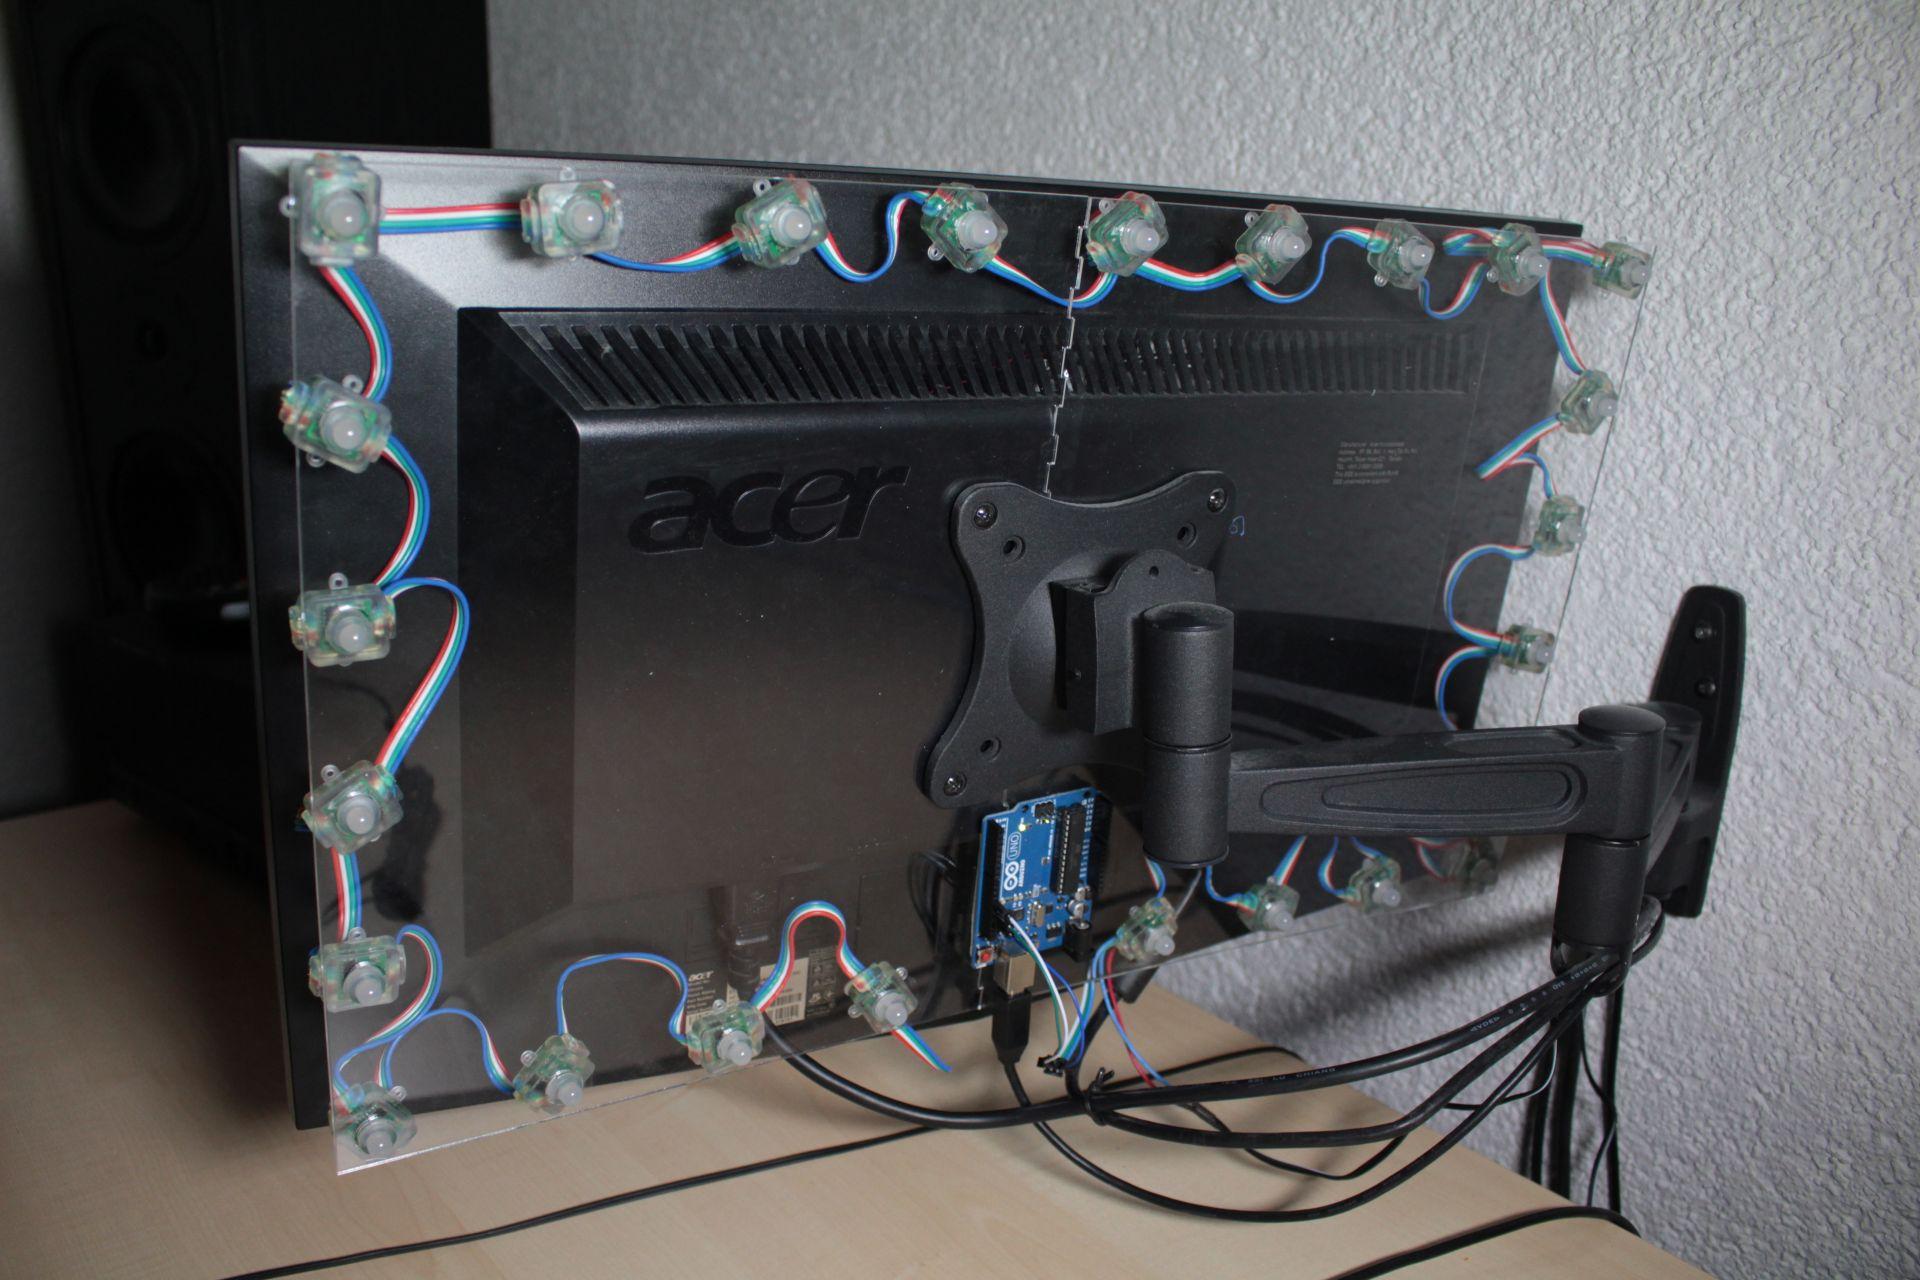 lichtspielerei mit arduino und ledhalterung aus dem lasercutter fablab rothenburg. Black Bedroom Furniture Sets. Home Design Ideas